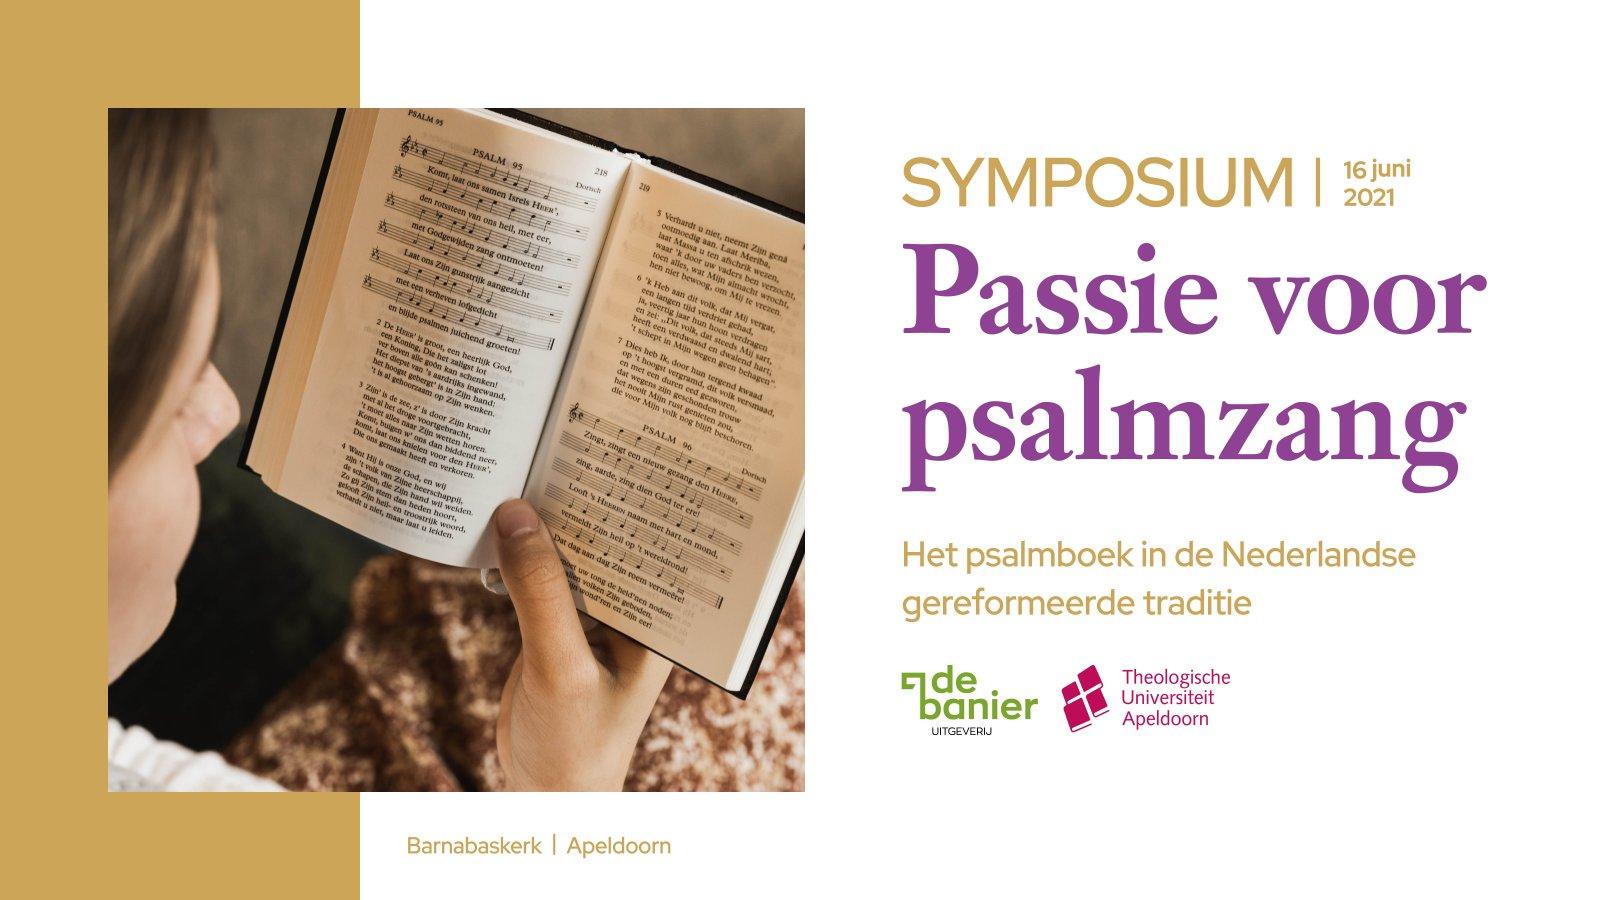 Image Nabestellen: video én boek symposium 'Passie voor psalmzang'